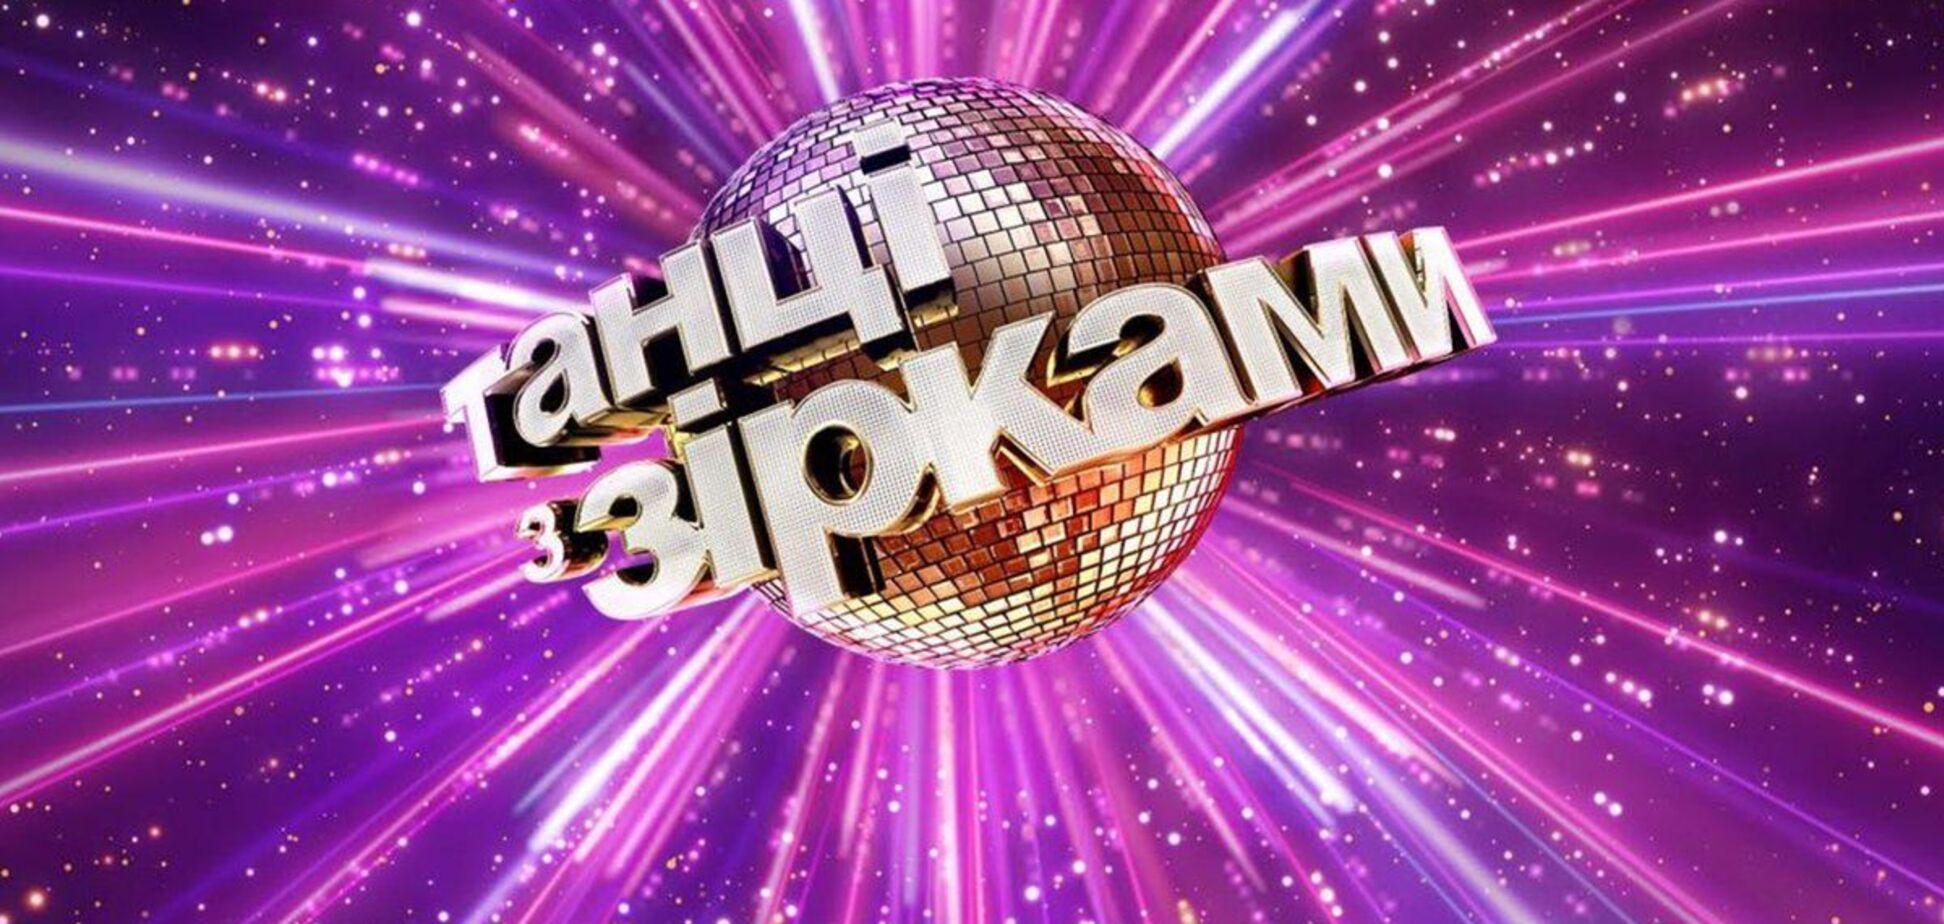 Второй эфир 'Танців з зірками' состоится 6 сентября